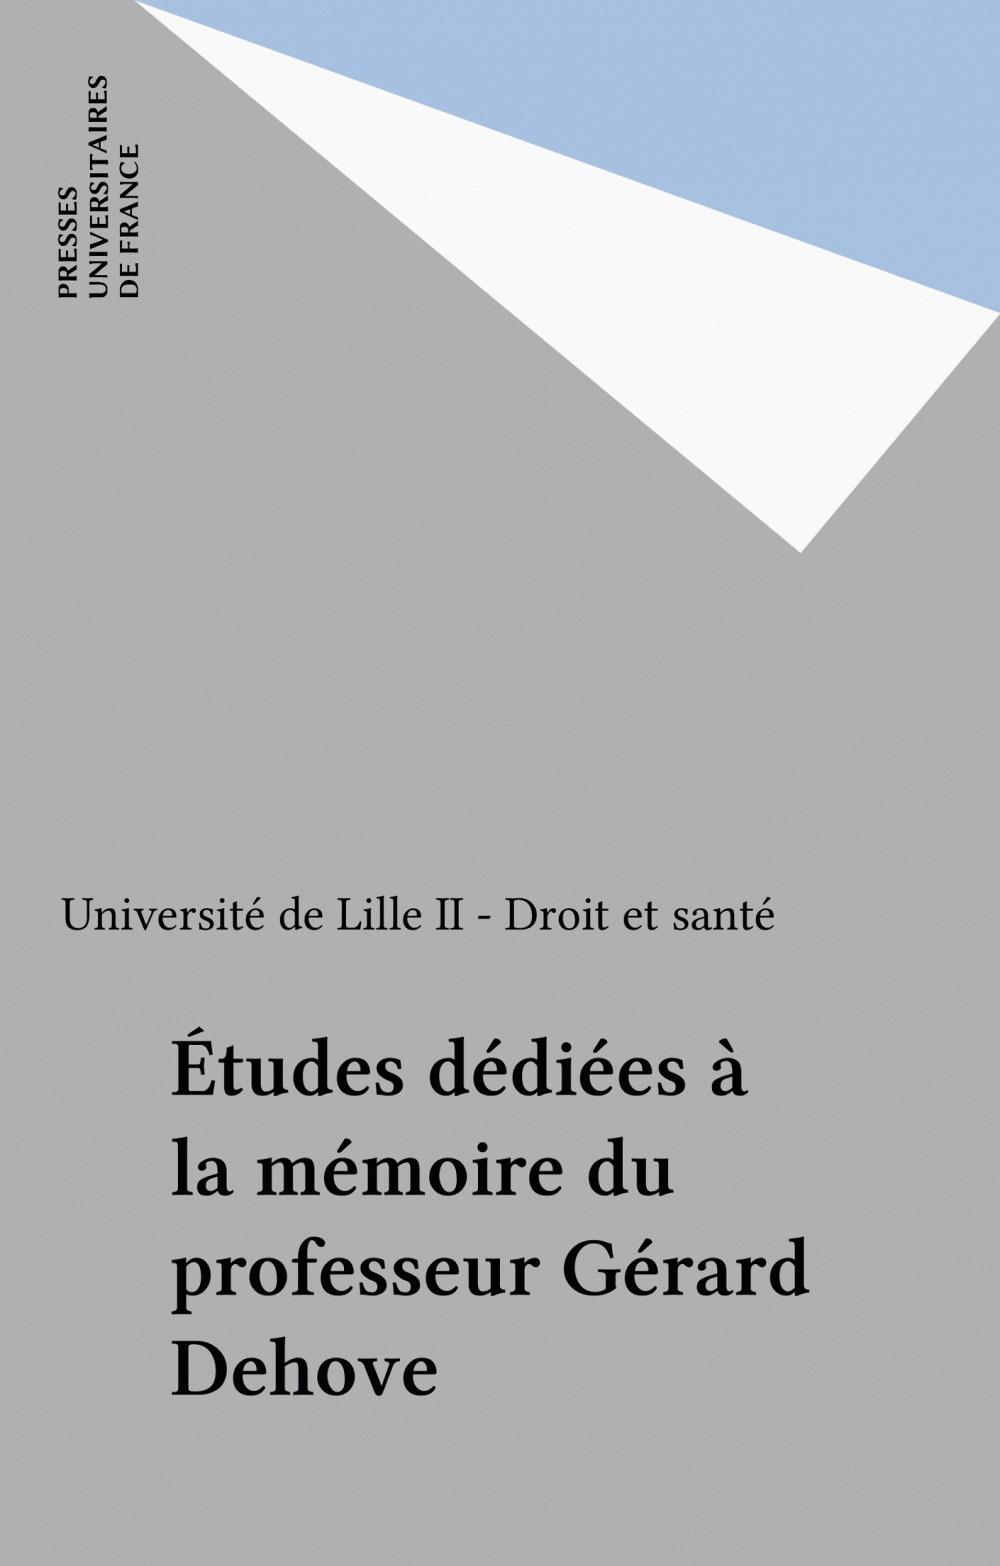 Études dédiées à la mémoire du professeur Gérard Dehove